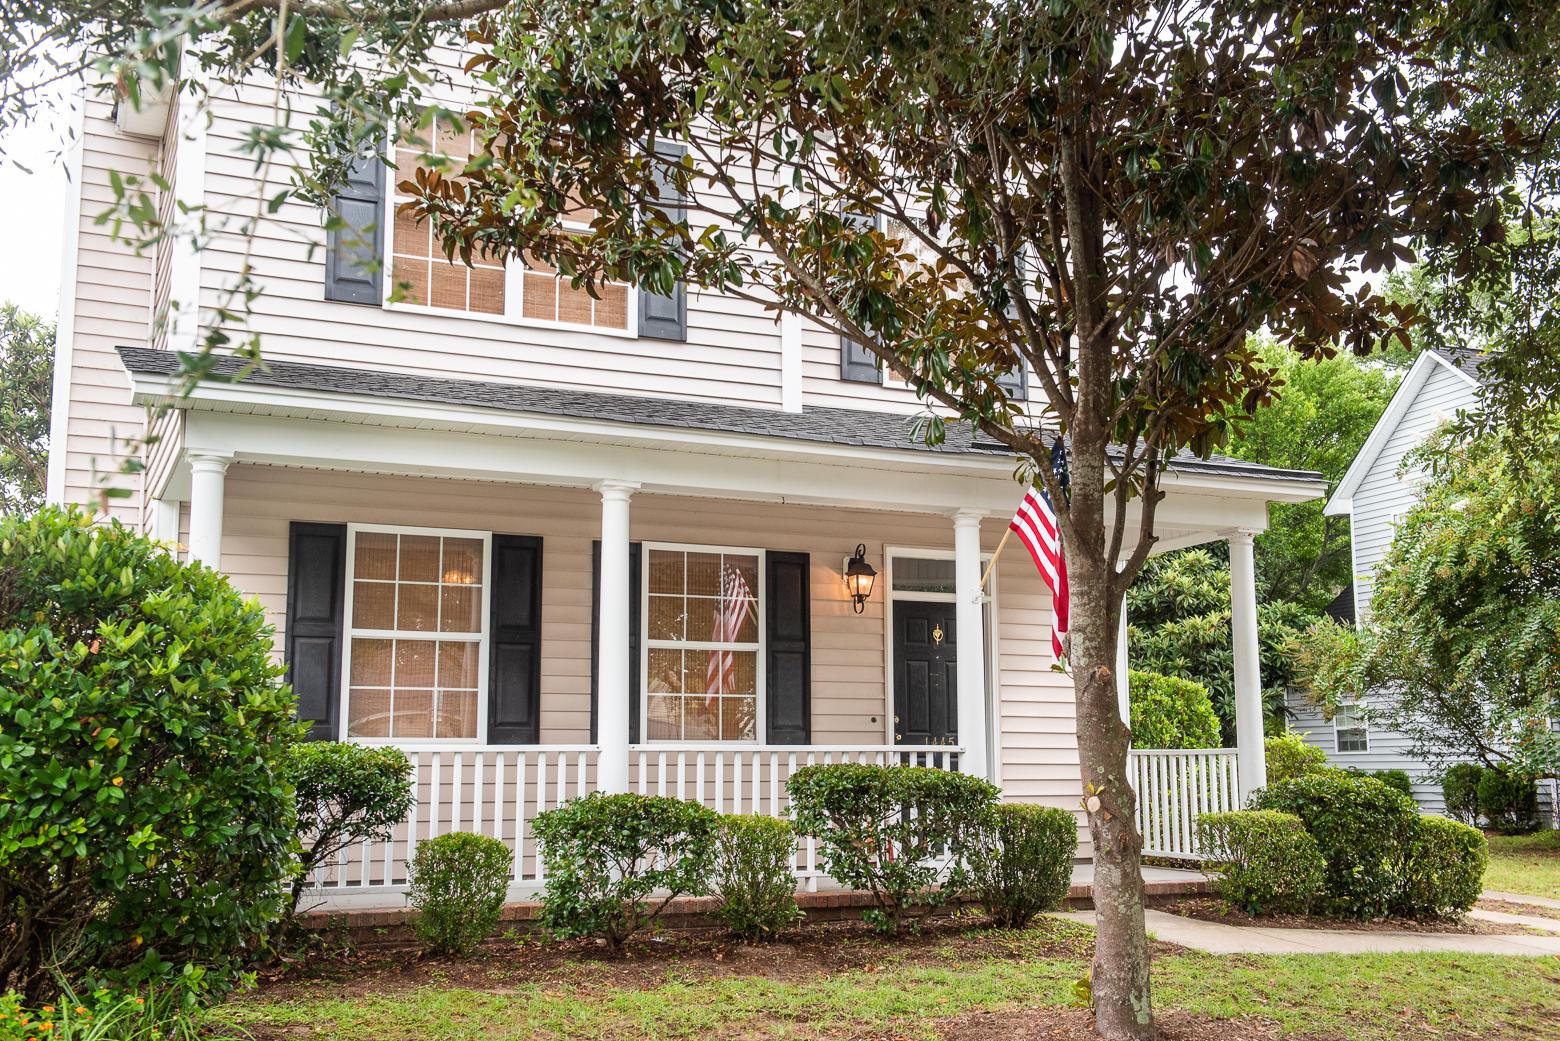 Jamestowne Village Homes For Sale - 1445 Swamp Fox, Charleston, SC - 0